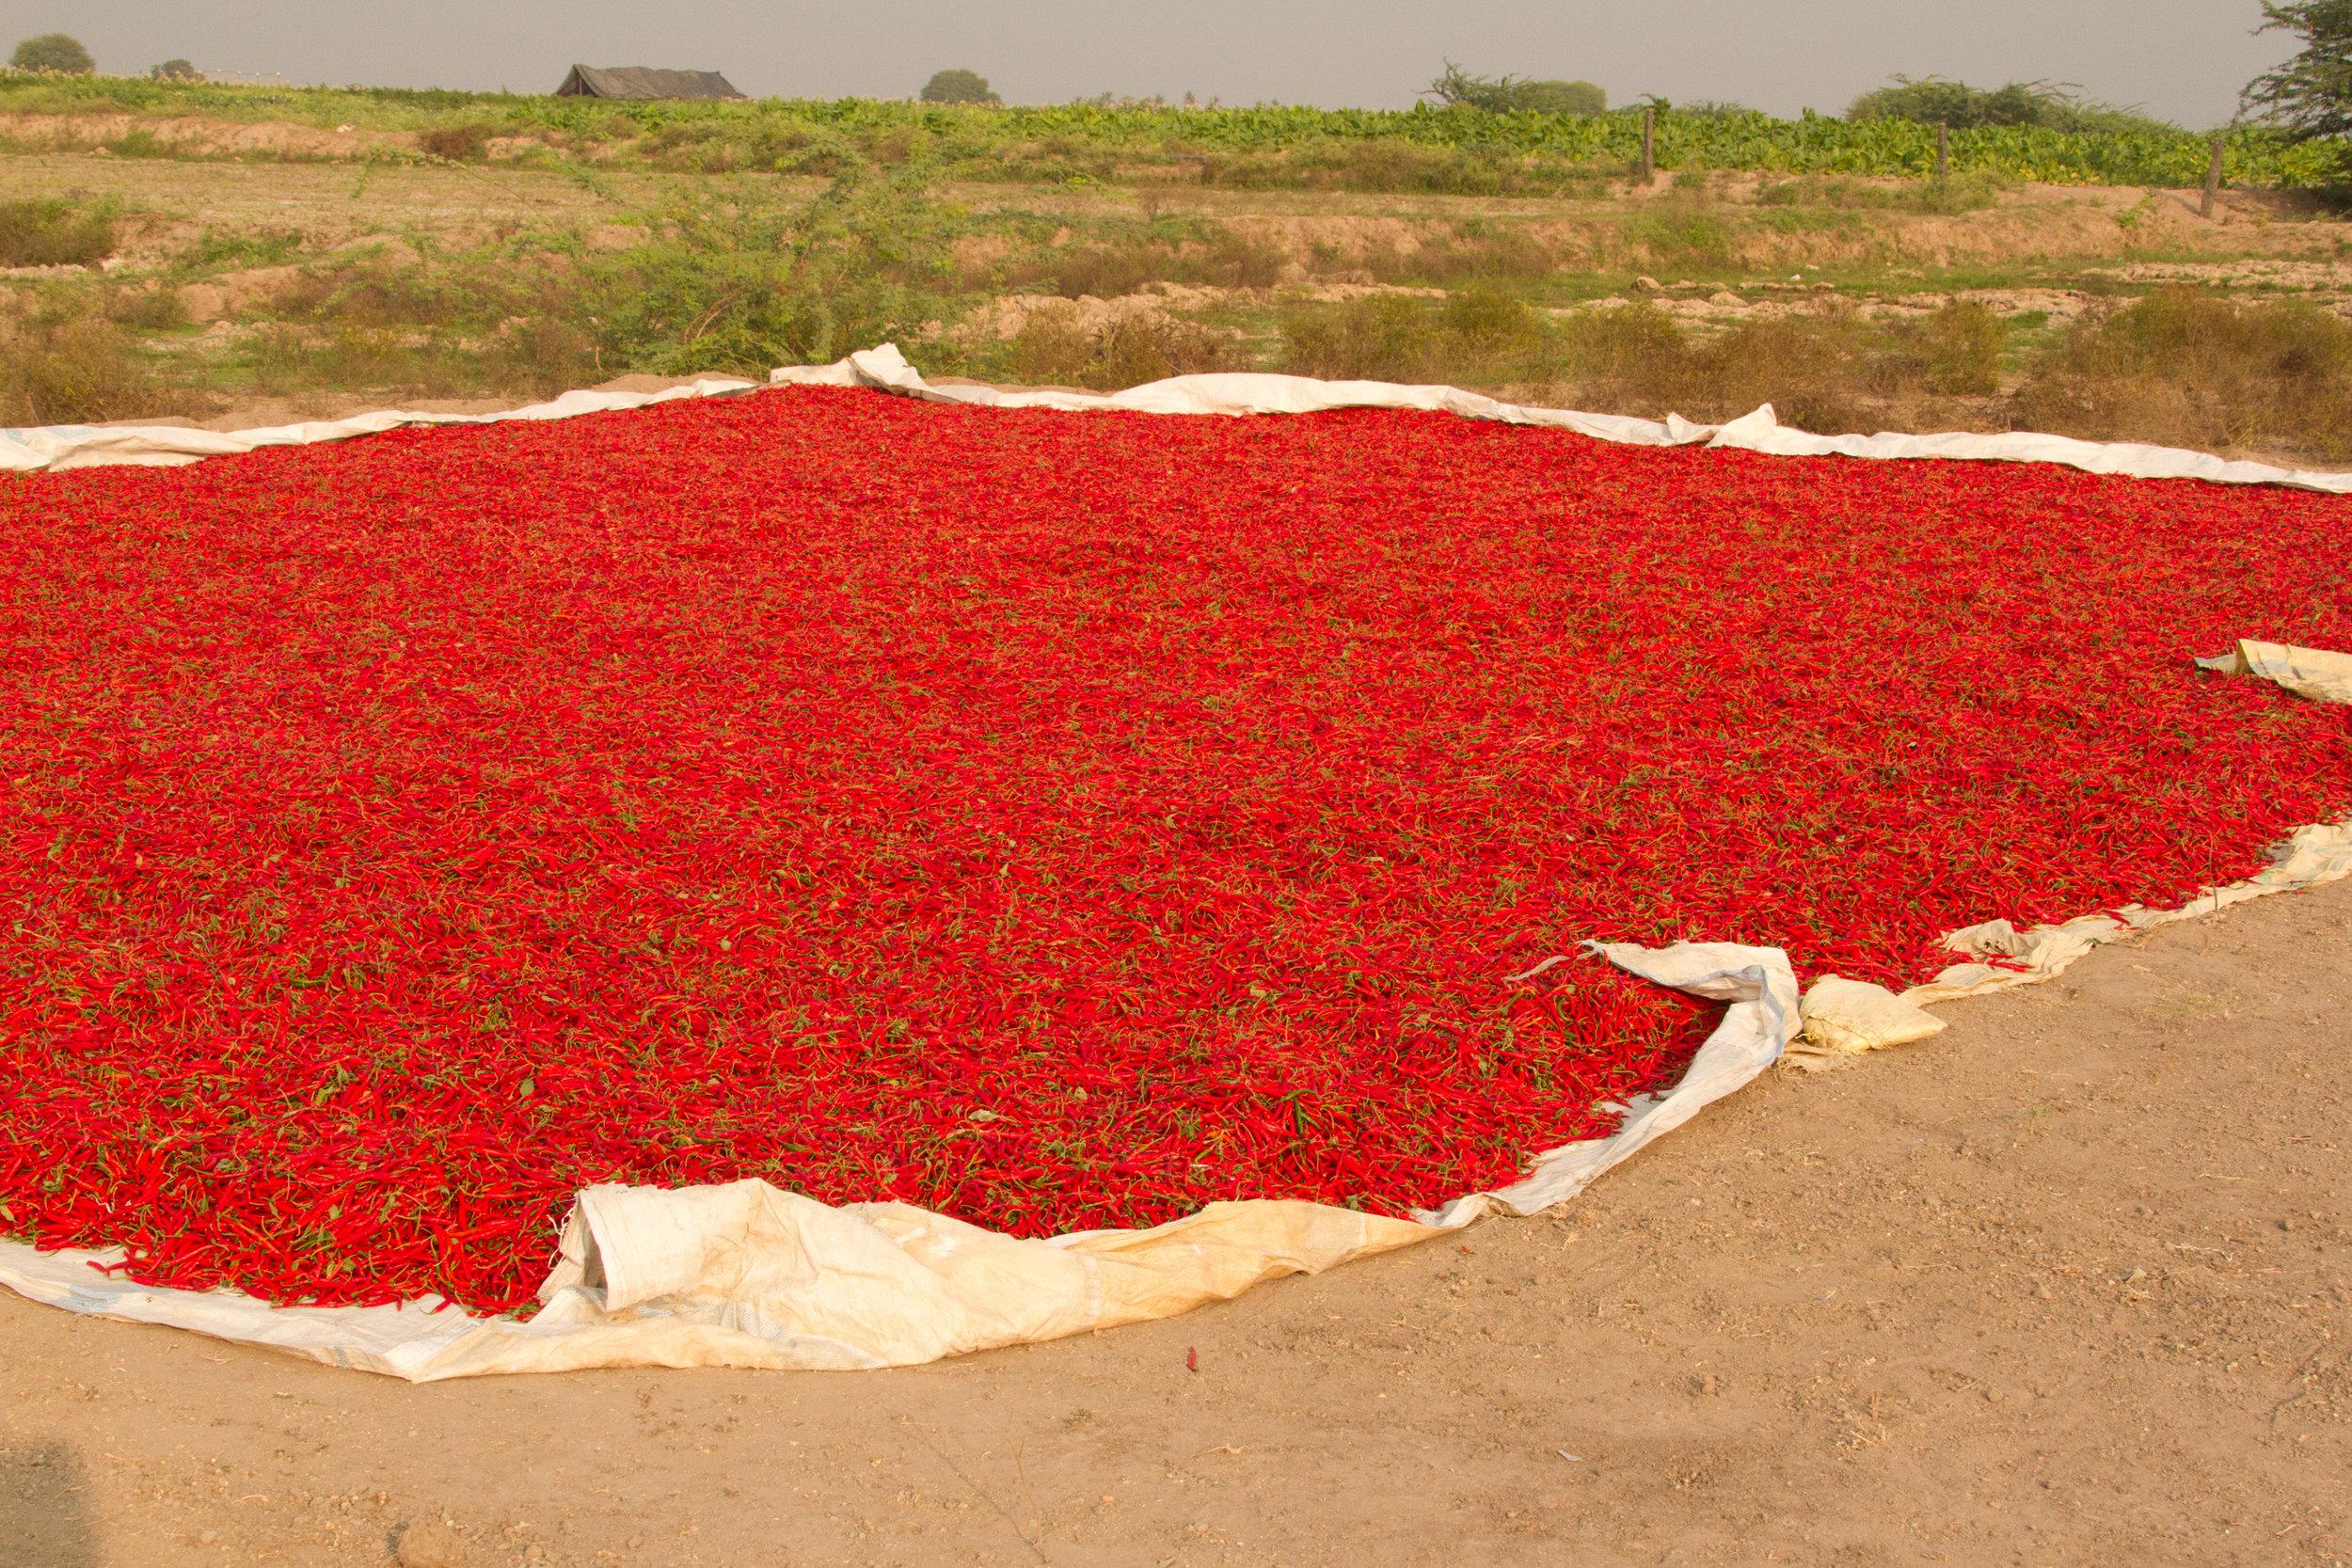 Vinukonda red peppers drying